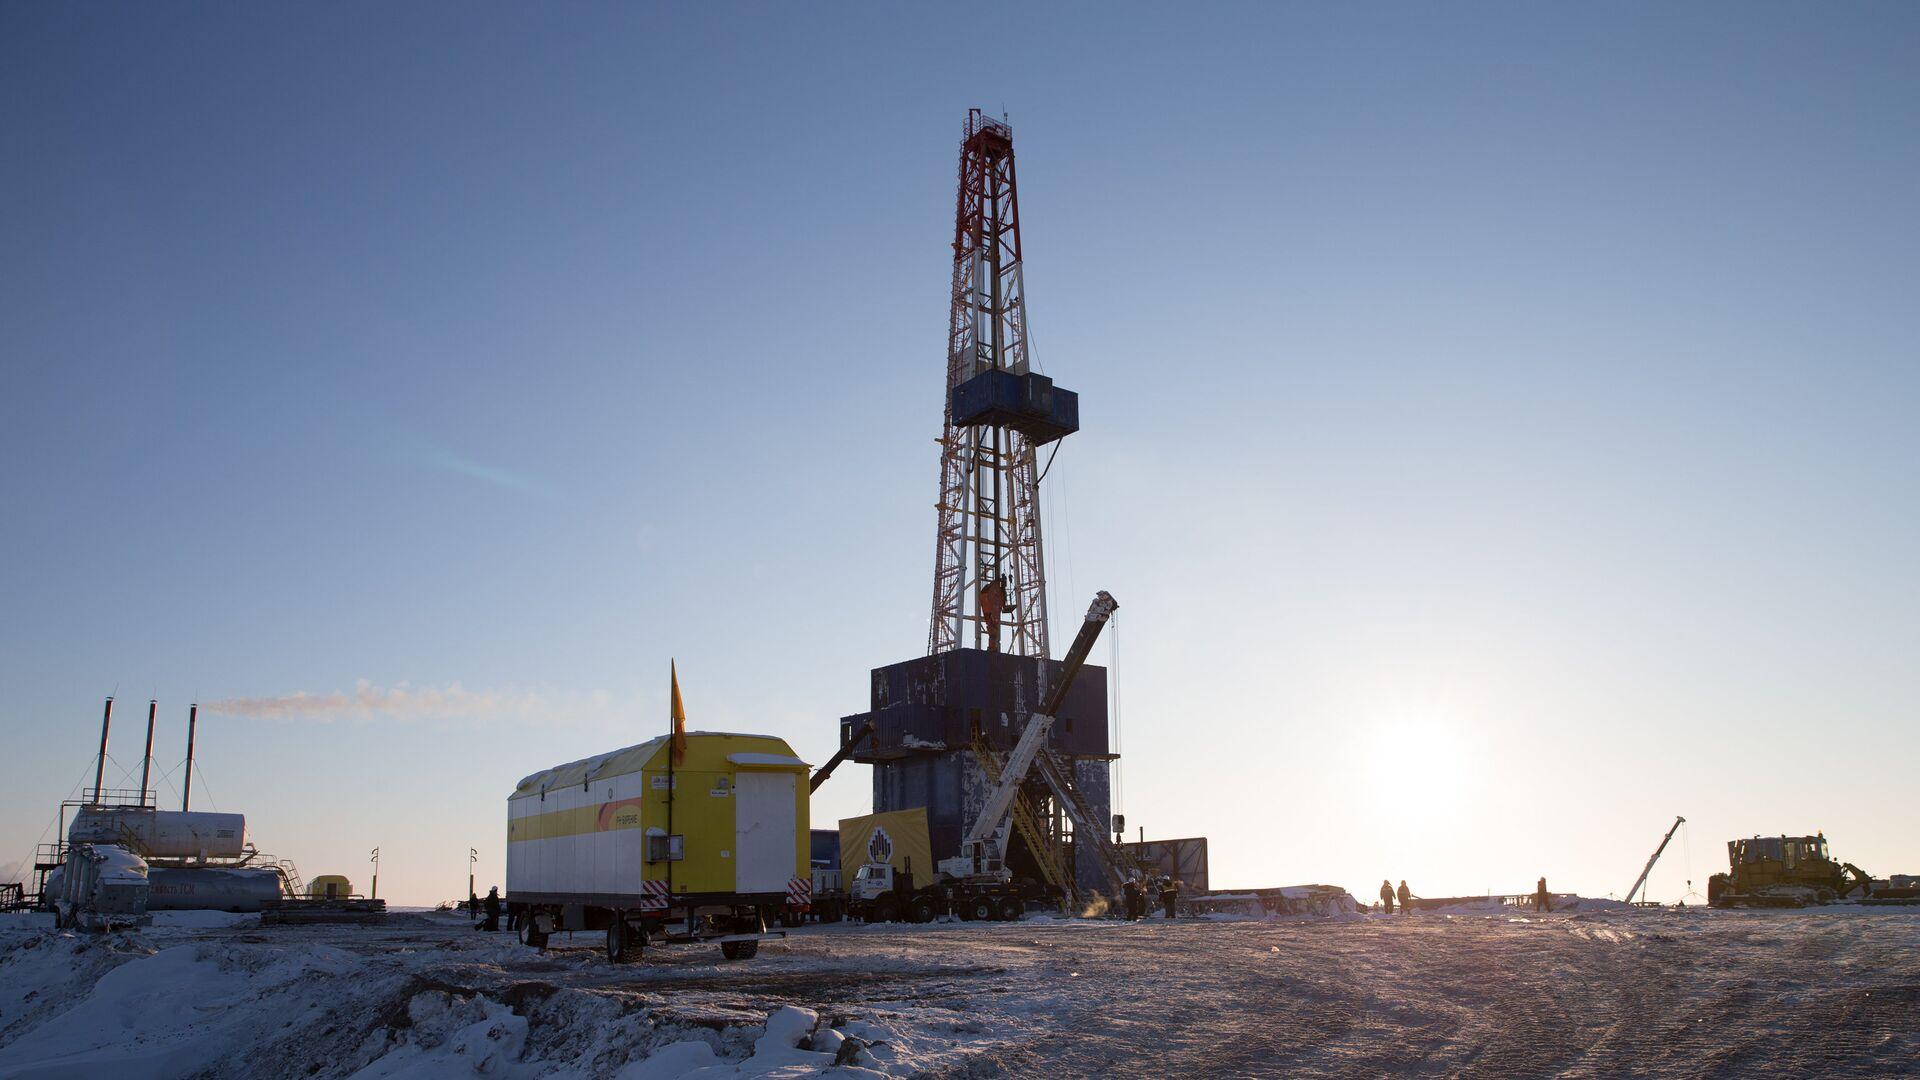 Нефтяная компания Роснефть приступила к бурению скважины Центрально-Ольгинская-1 - РИА Новости, 1920, 20.02.2021